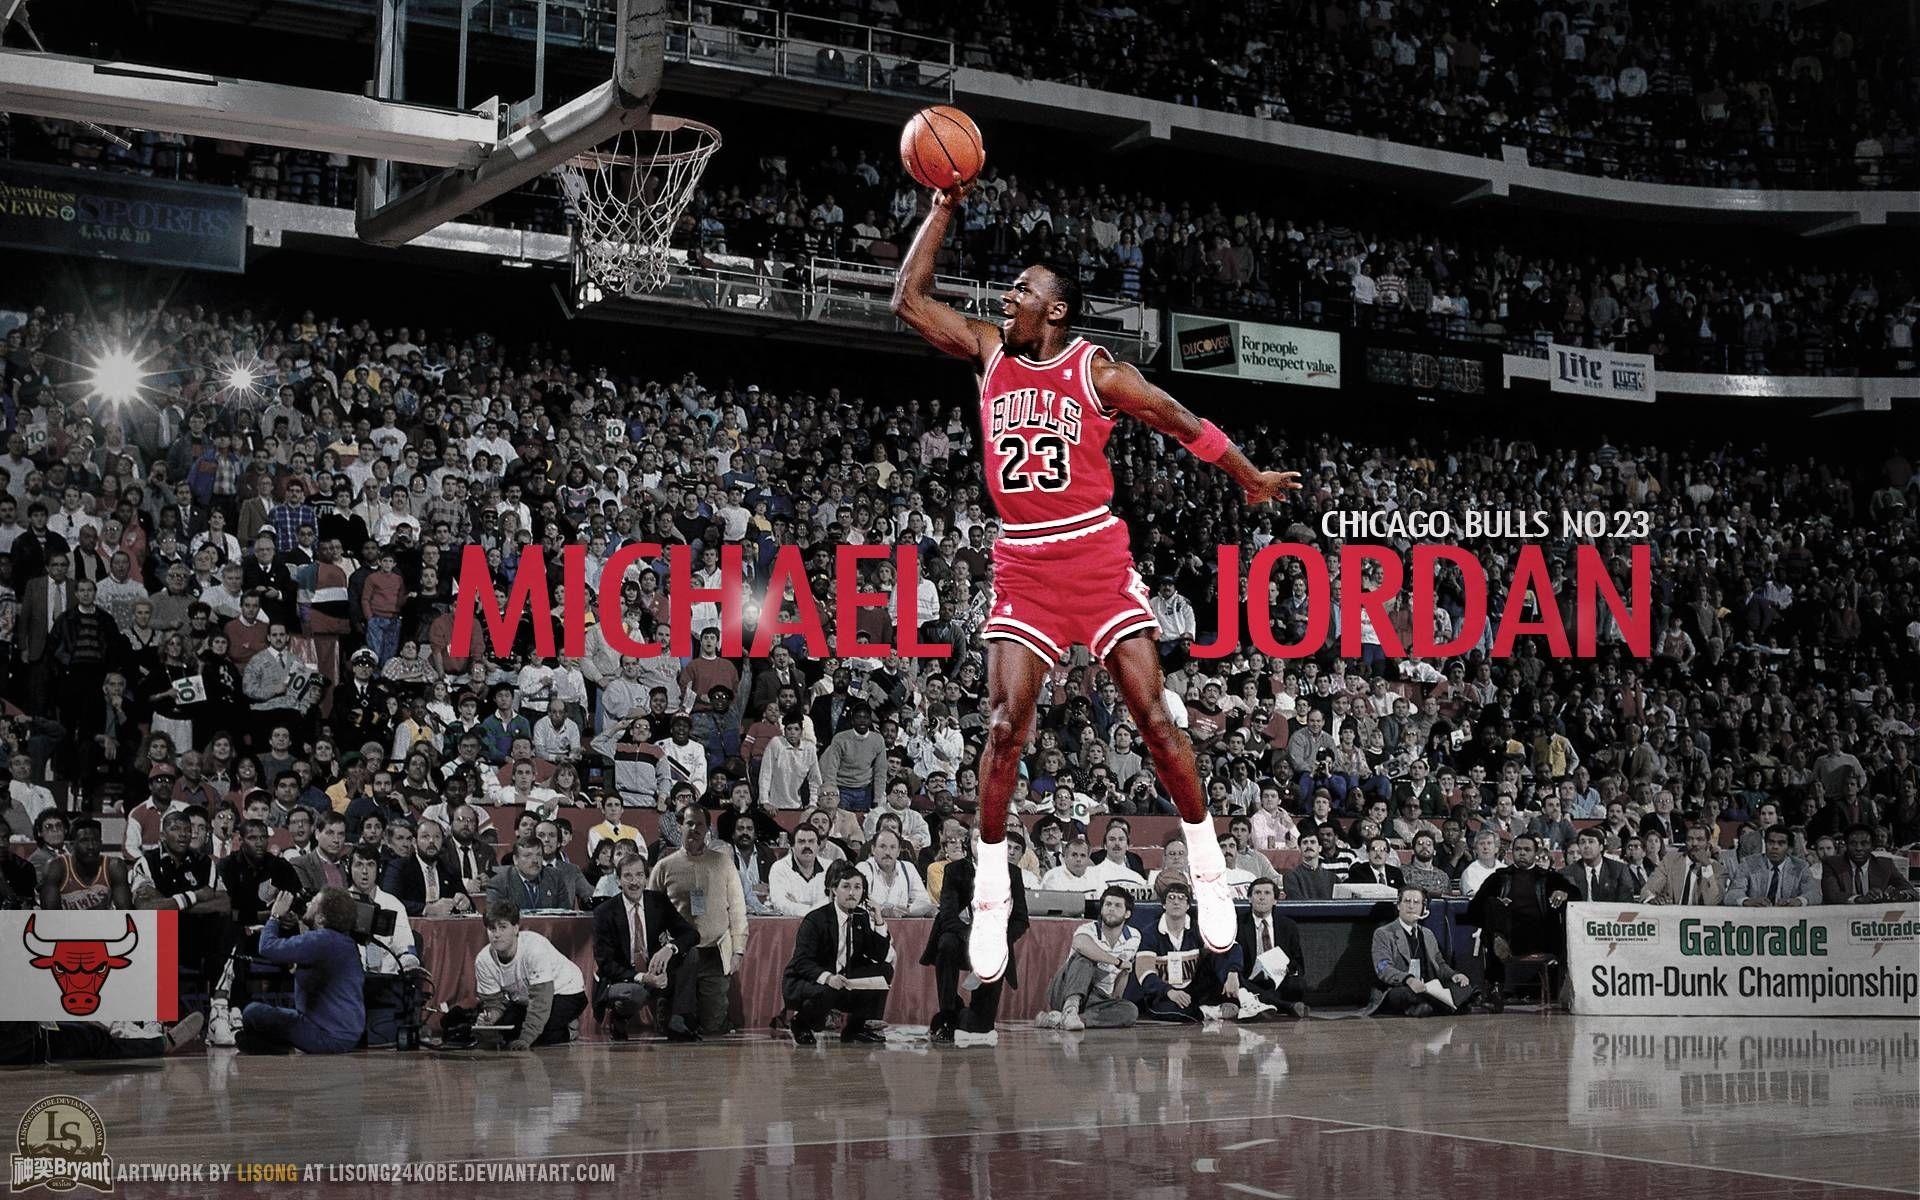 e5462c995d93 Michael Jordan Wallpaper Photo  9Uu